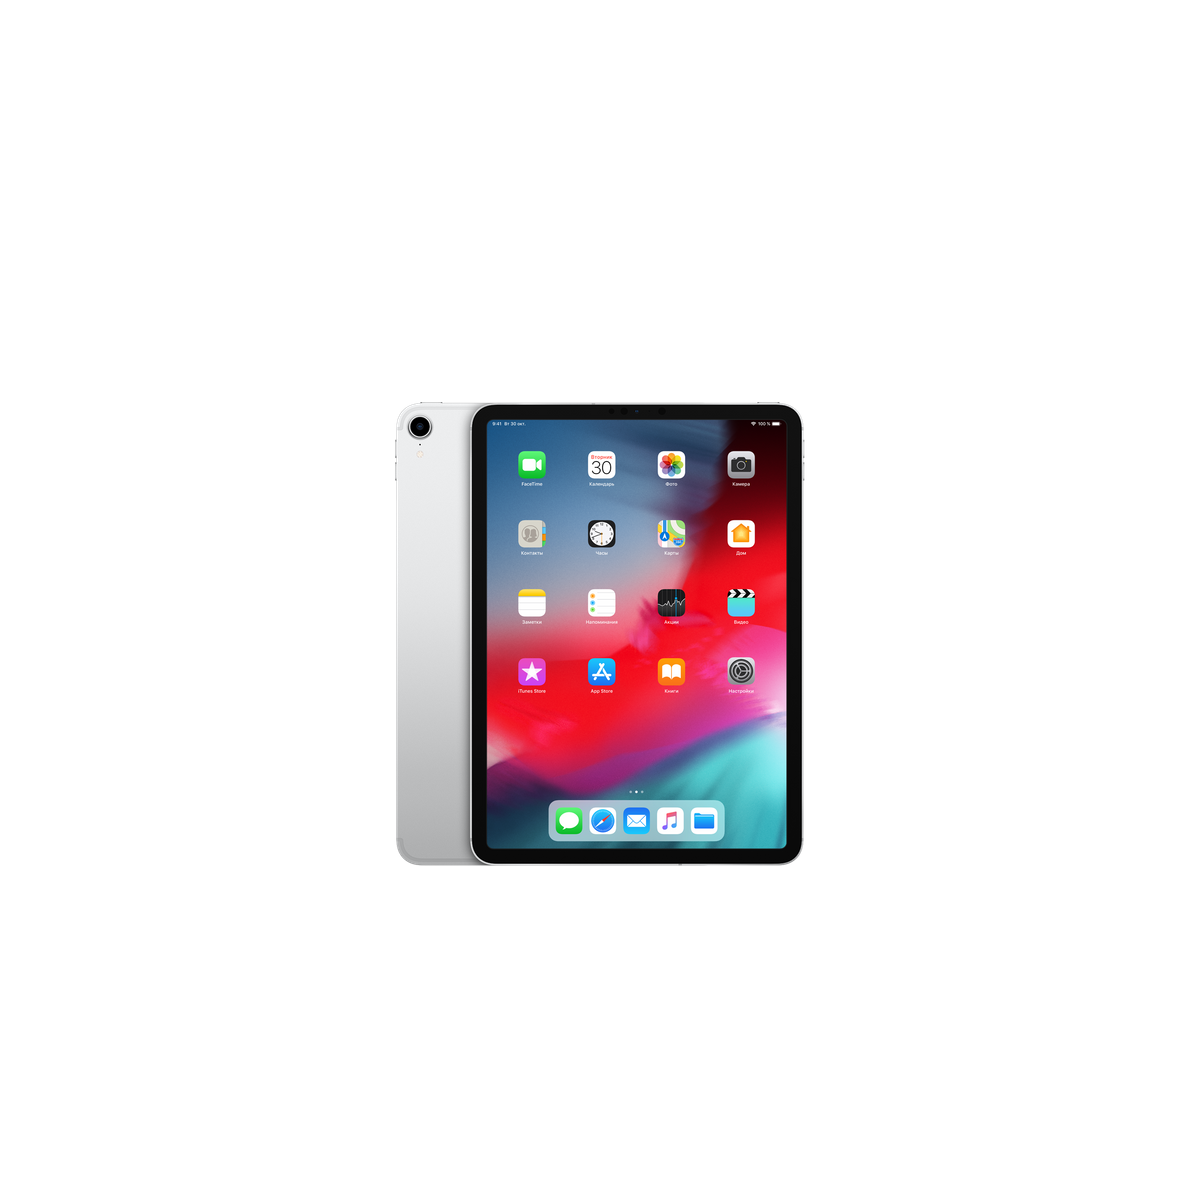 Apple iPad Pro 11 2018 Wi-Fi 256GB Silver